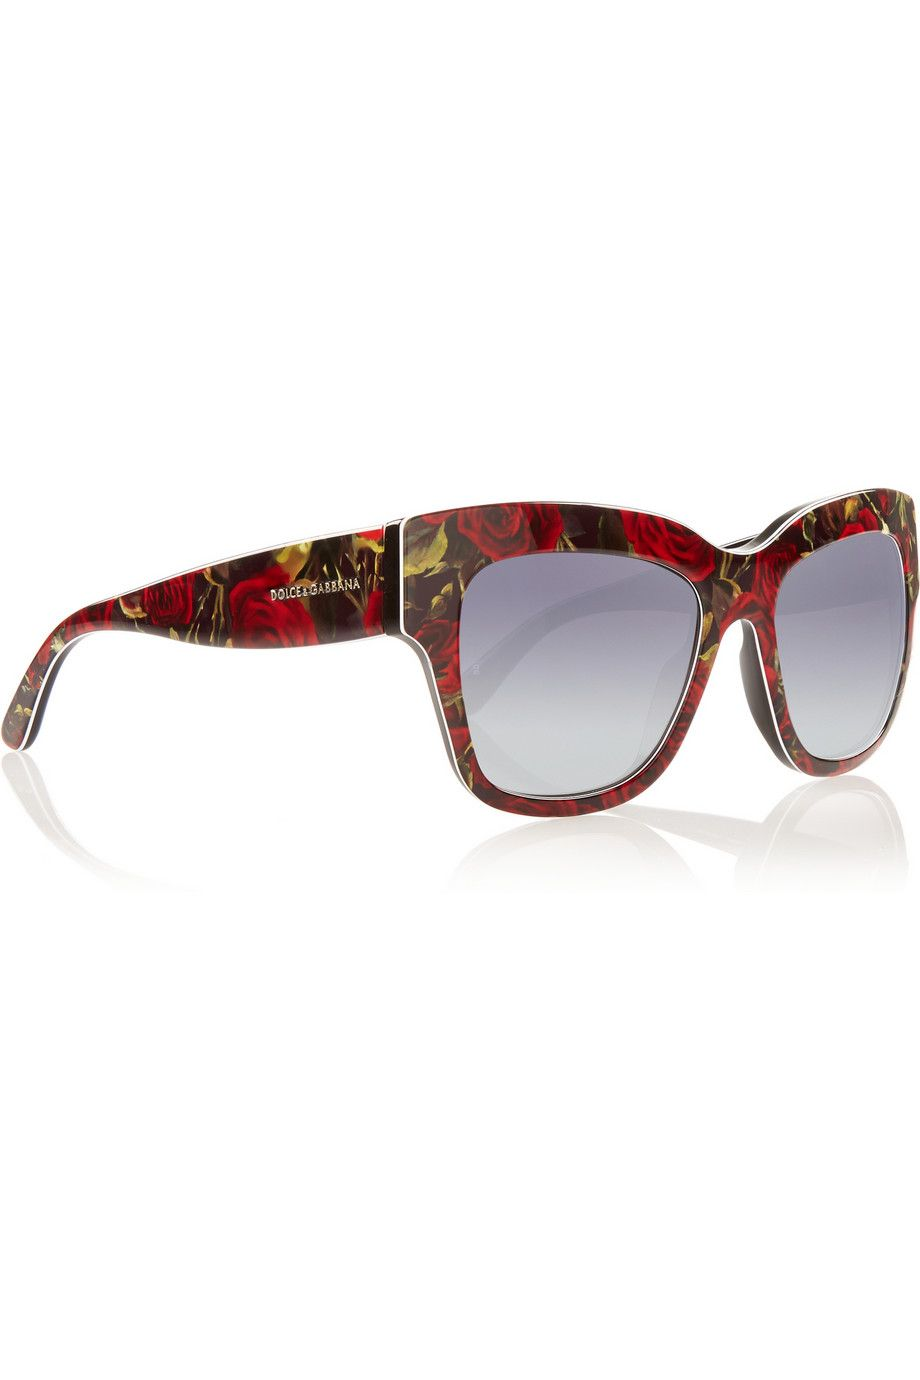 2f548760d848 Dolce   Gabbana